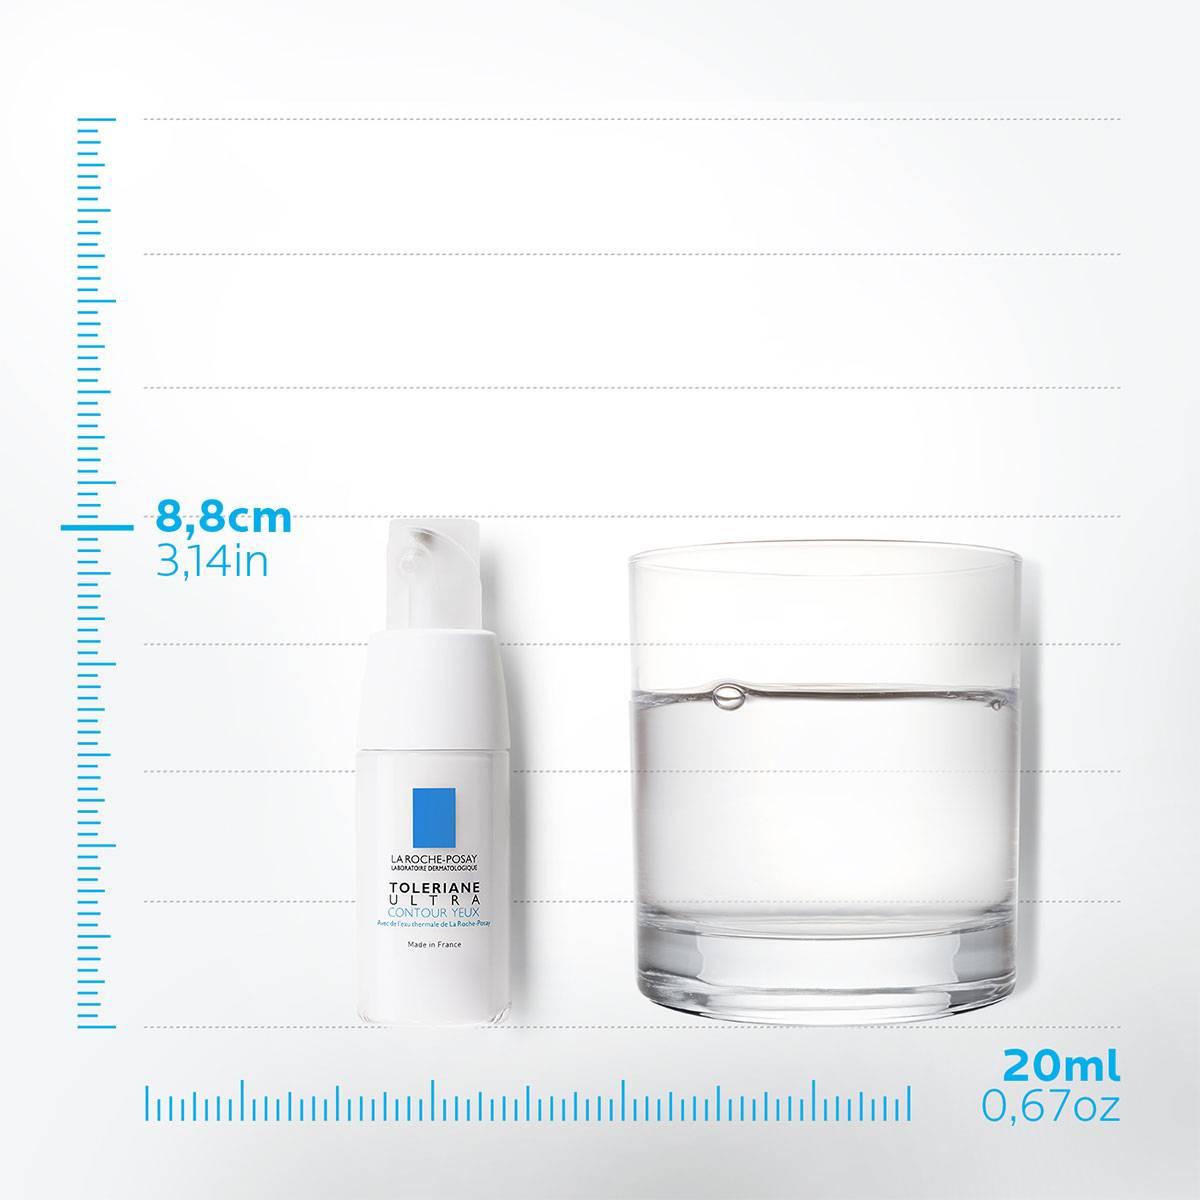 La Roche Posay Tuotesivu Toleriane Ultra Eye Contour 20ml 3337872419